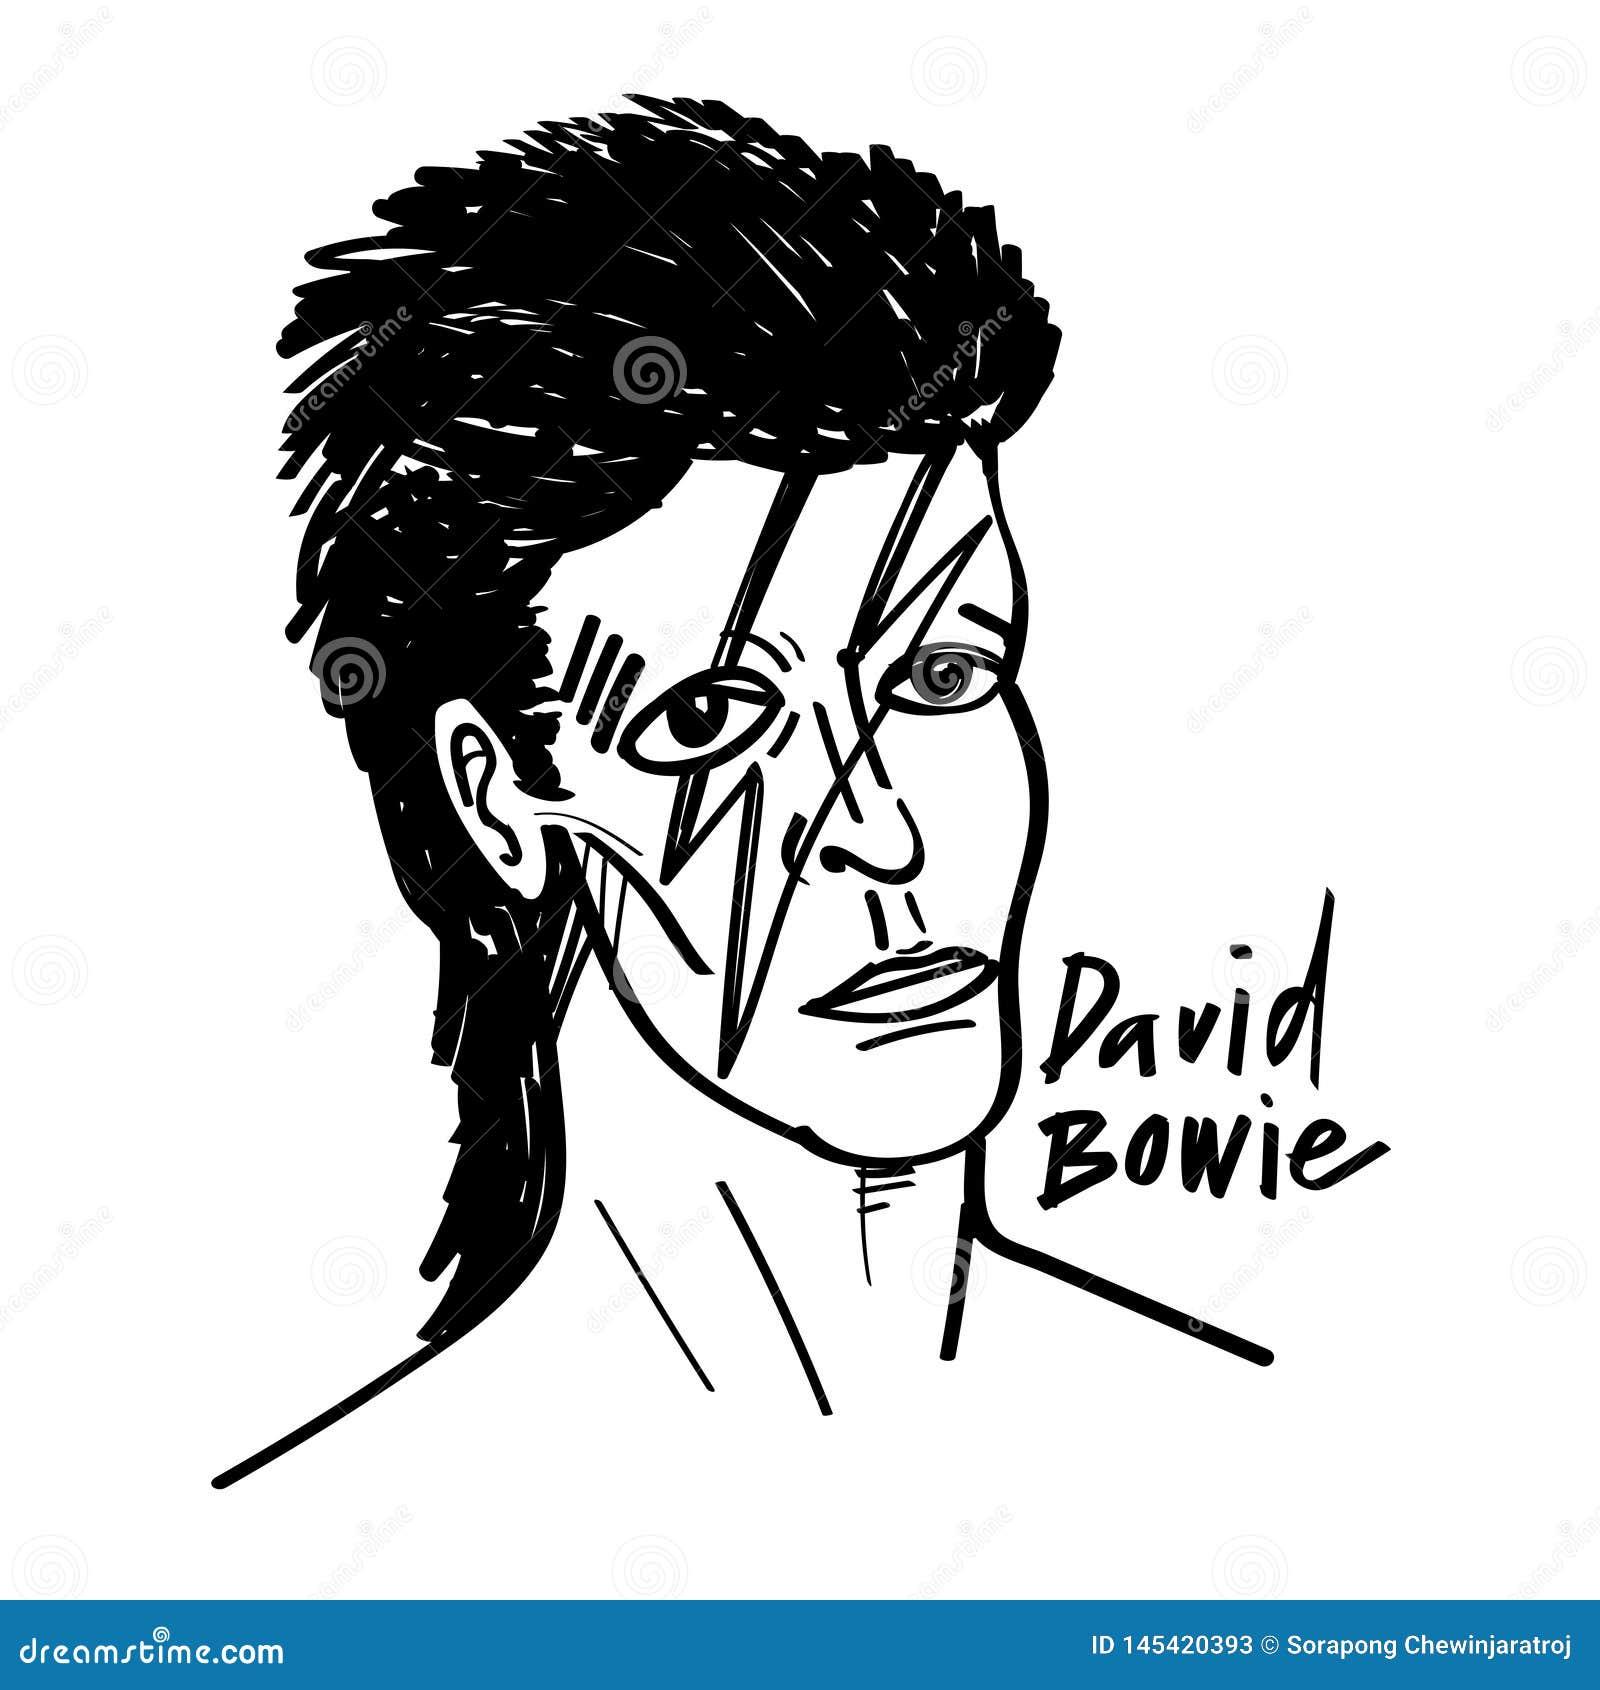 David bowie wektorowej kreskówki ilustracyjny czarny i biały rysunek